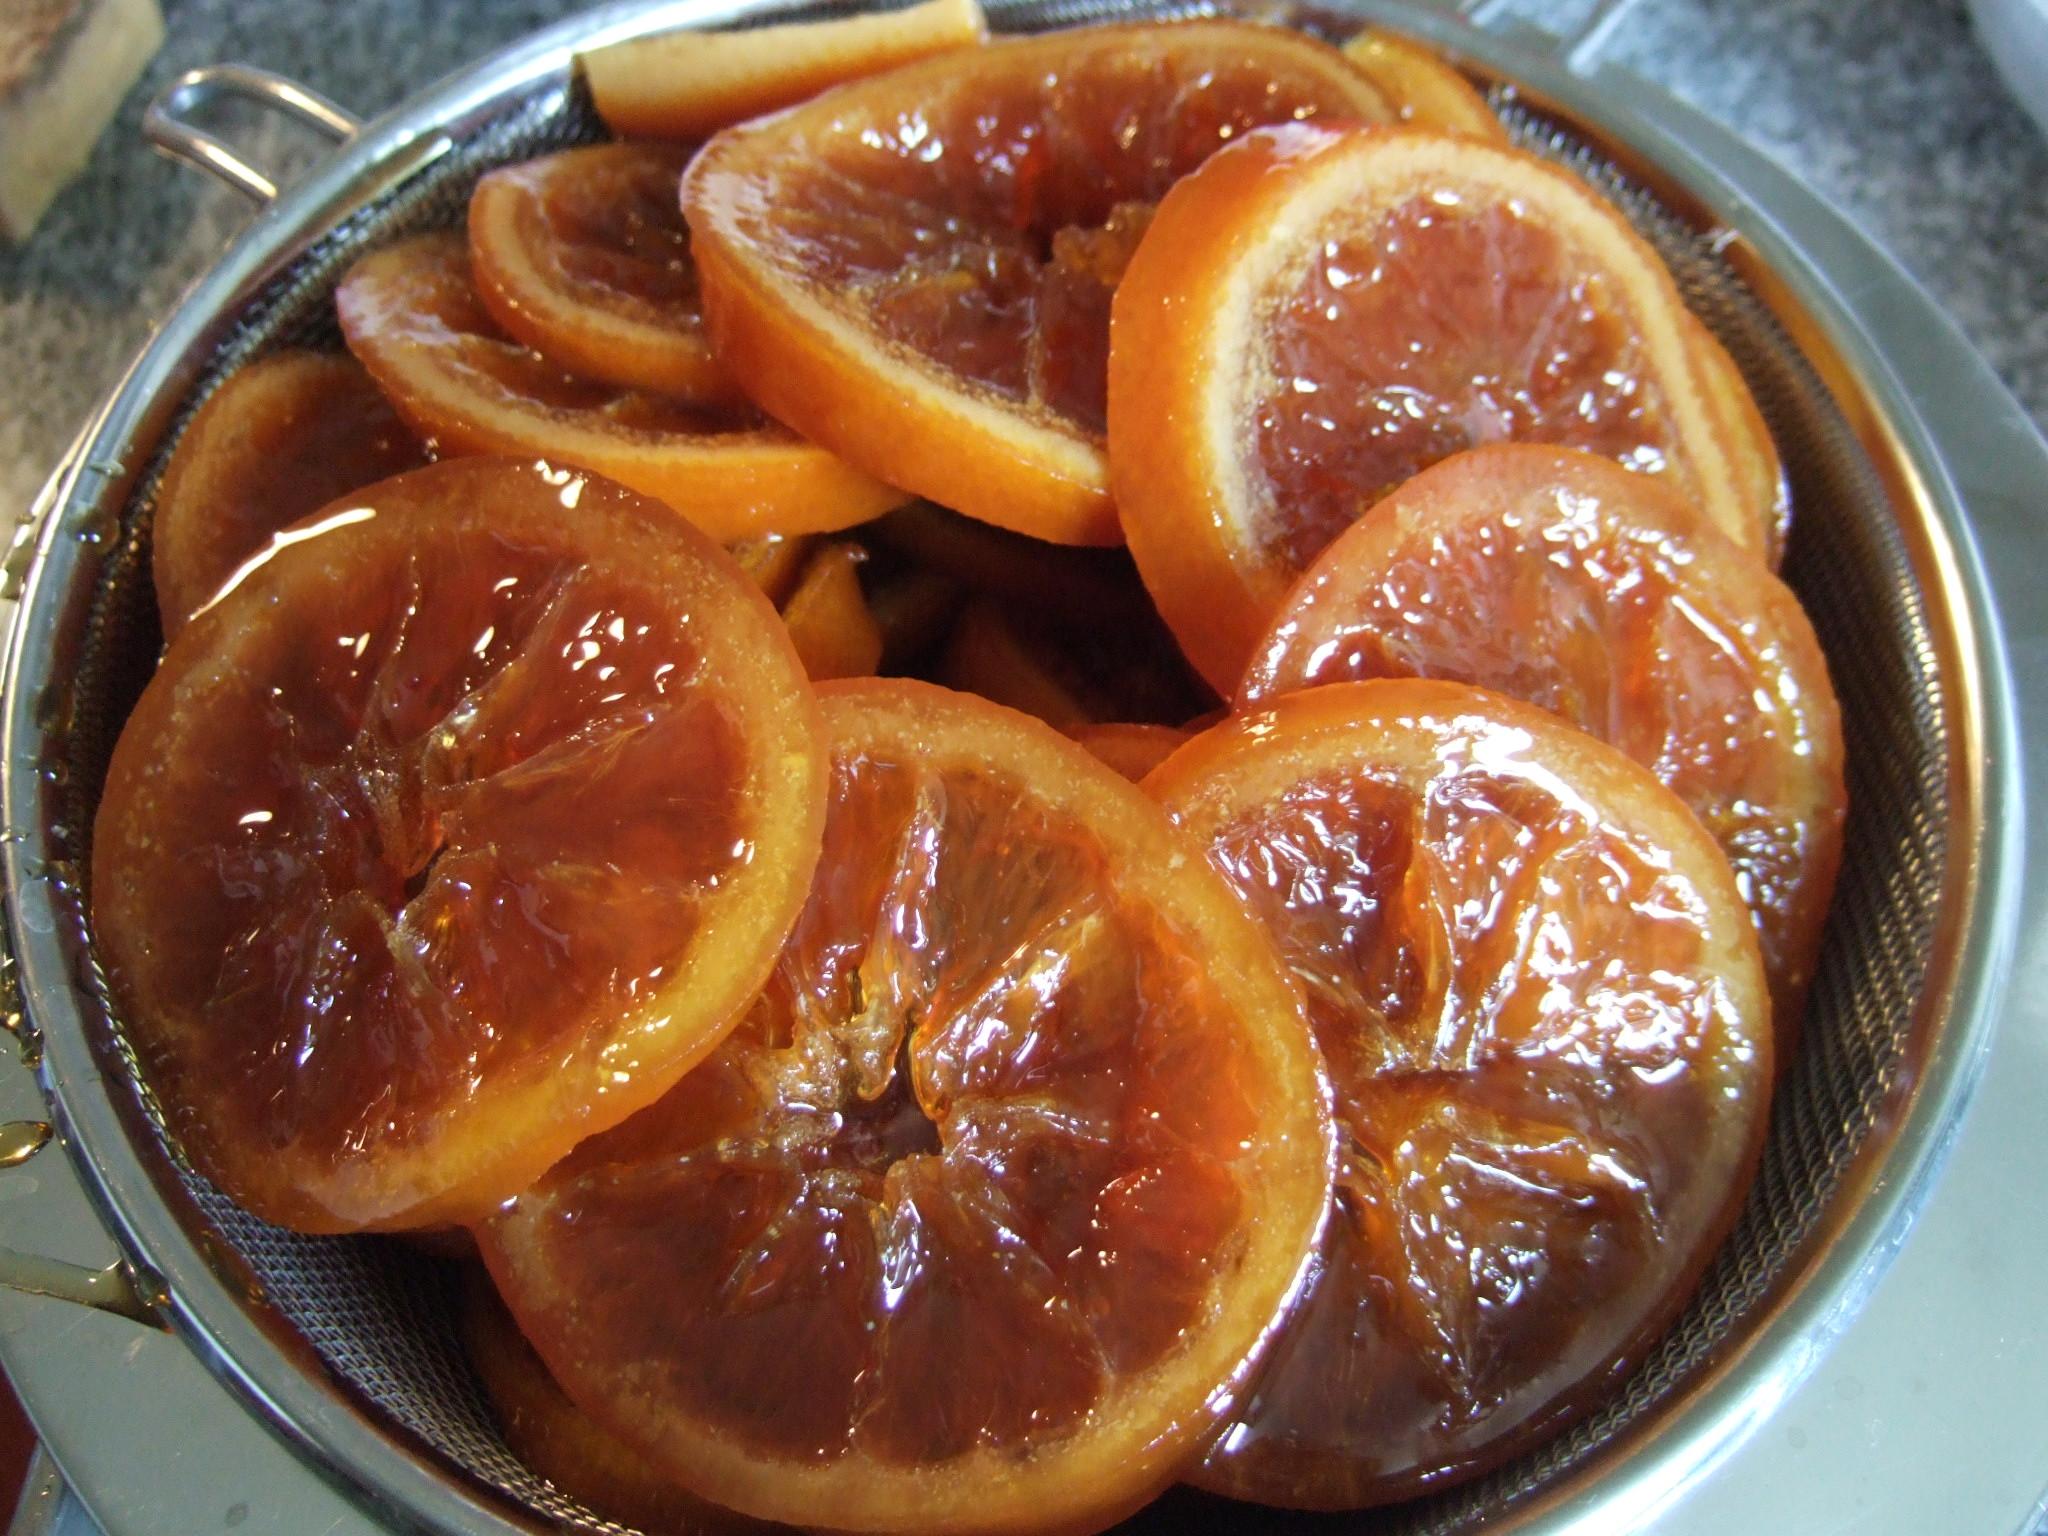 オレンジコンフィのレシピ 丁寧に作る極上の作りかた